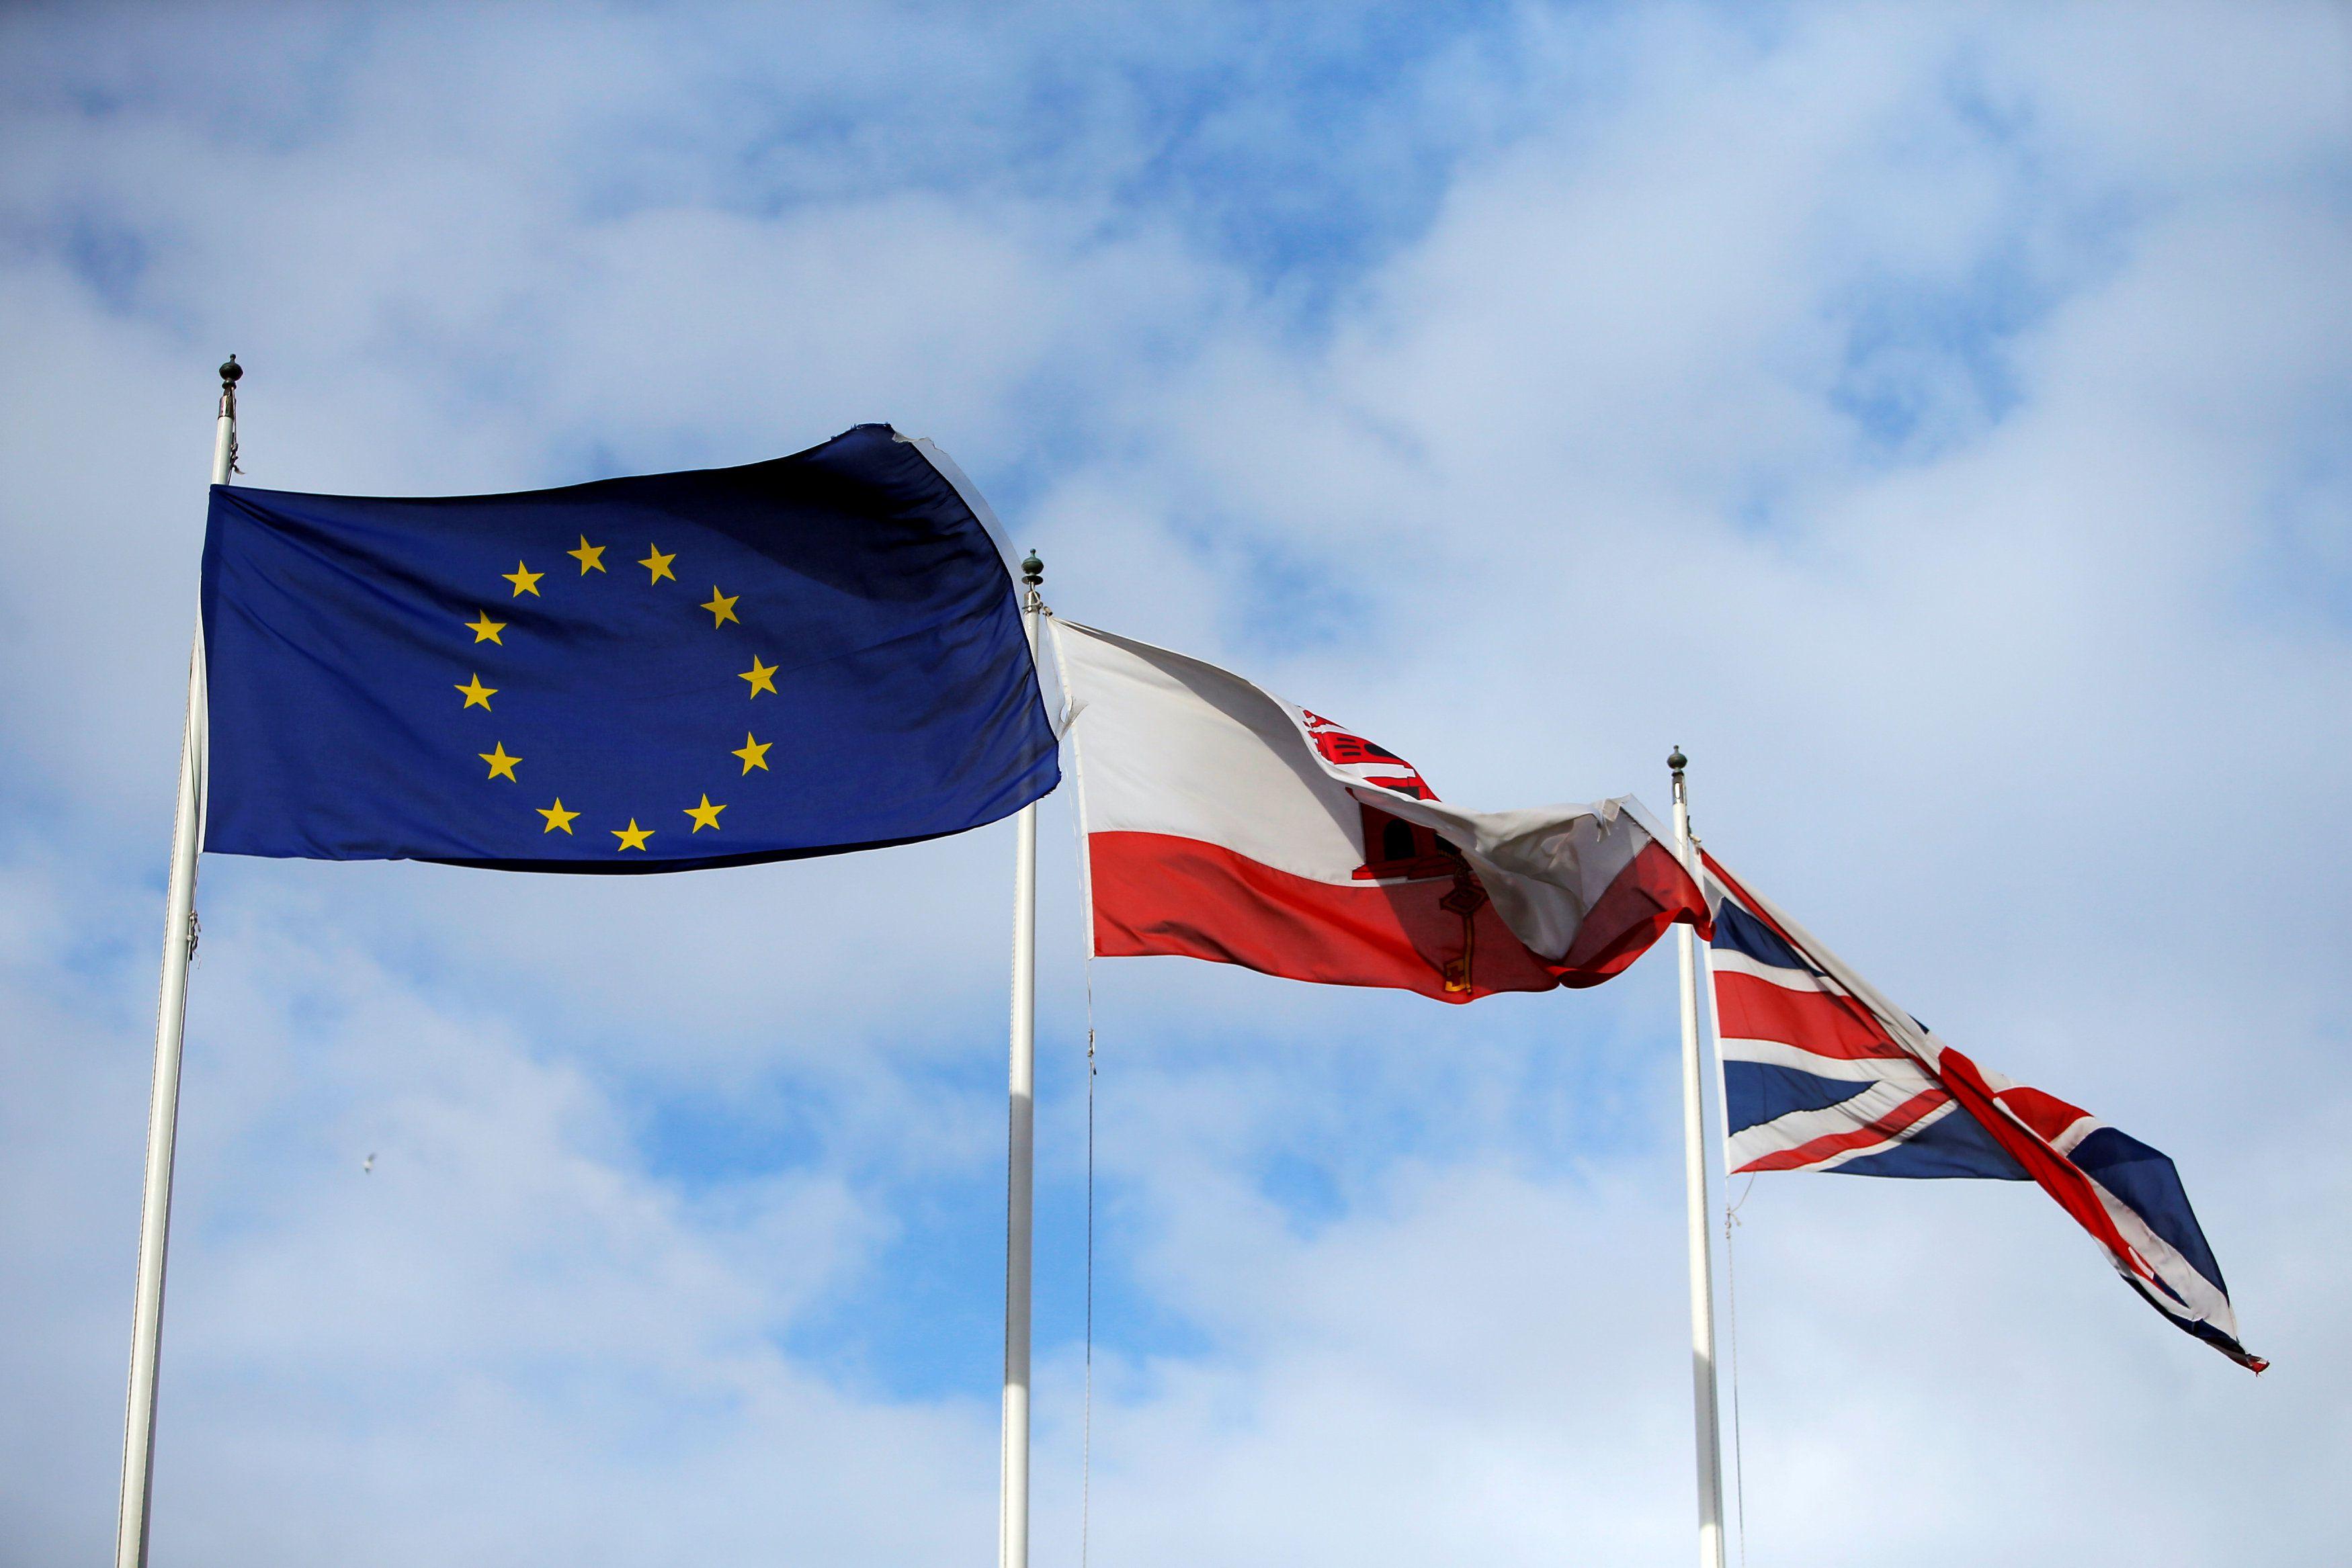 La bandera de la Unión Europea, la bandera de Gibraltar y la bandera del Reino Unido se ven ondeando, en la frontera de Gibraltar con España, el 25 de noviembre de 2018 (REUTERS/Jon Nazca/File Photo)